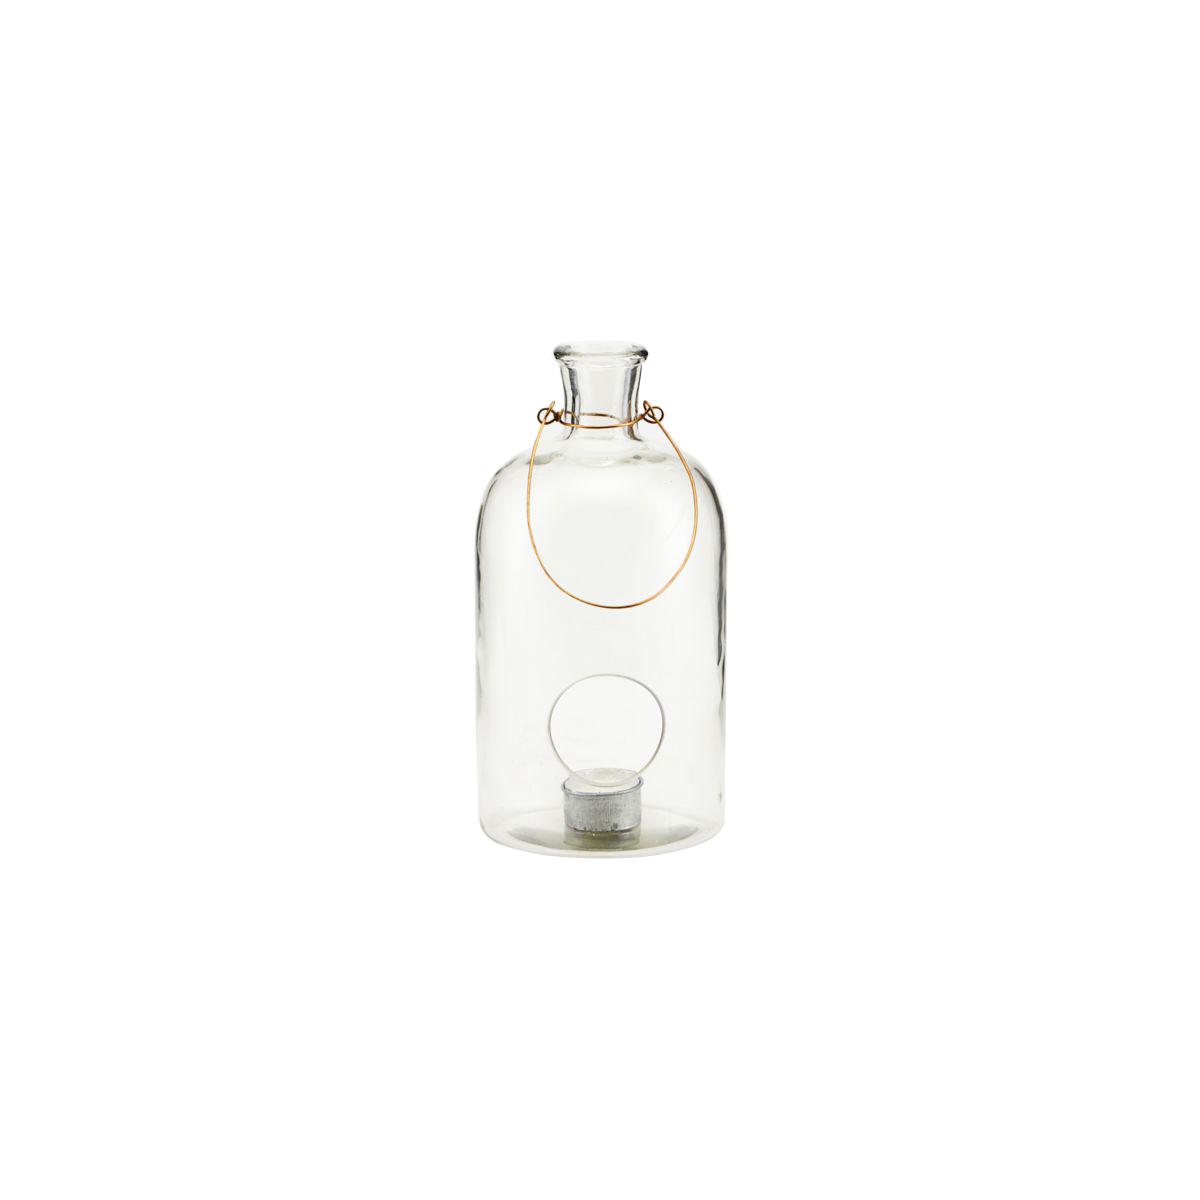 House Doctor - Frej Lantern - Clear (Sv1090/211221090)